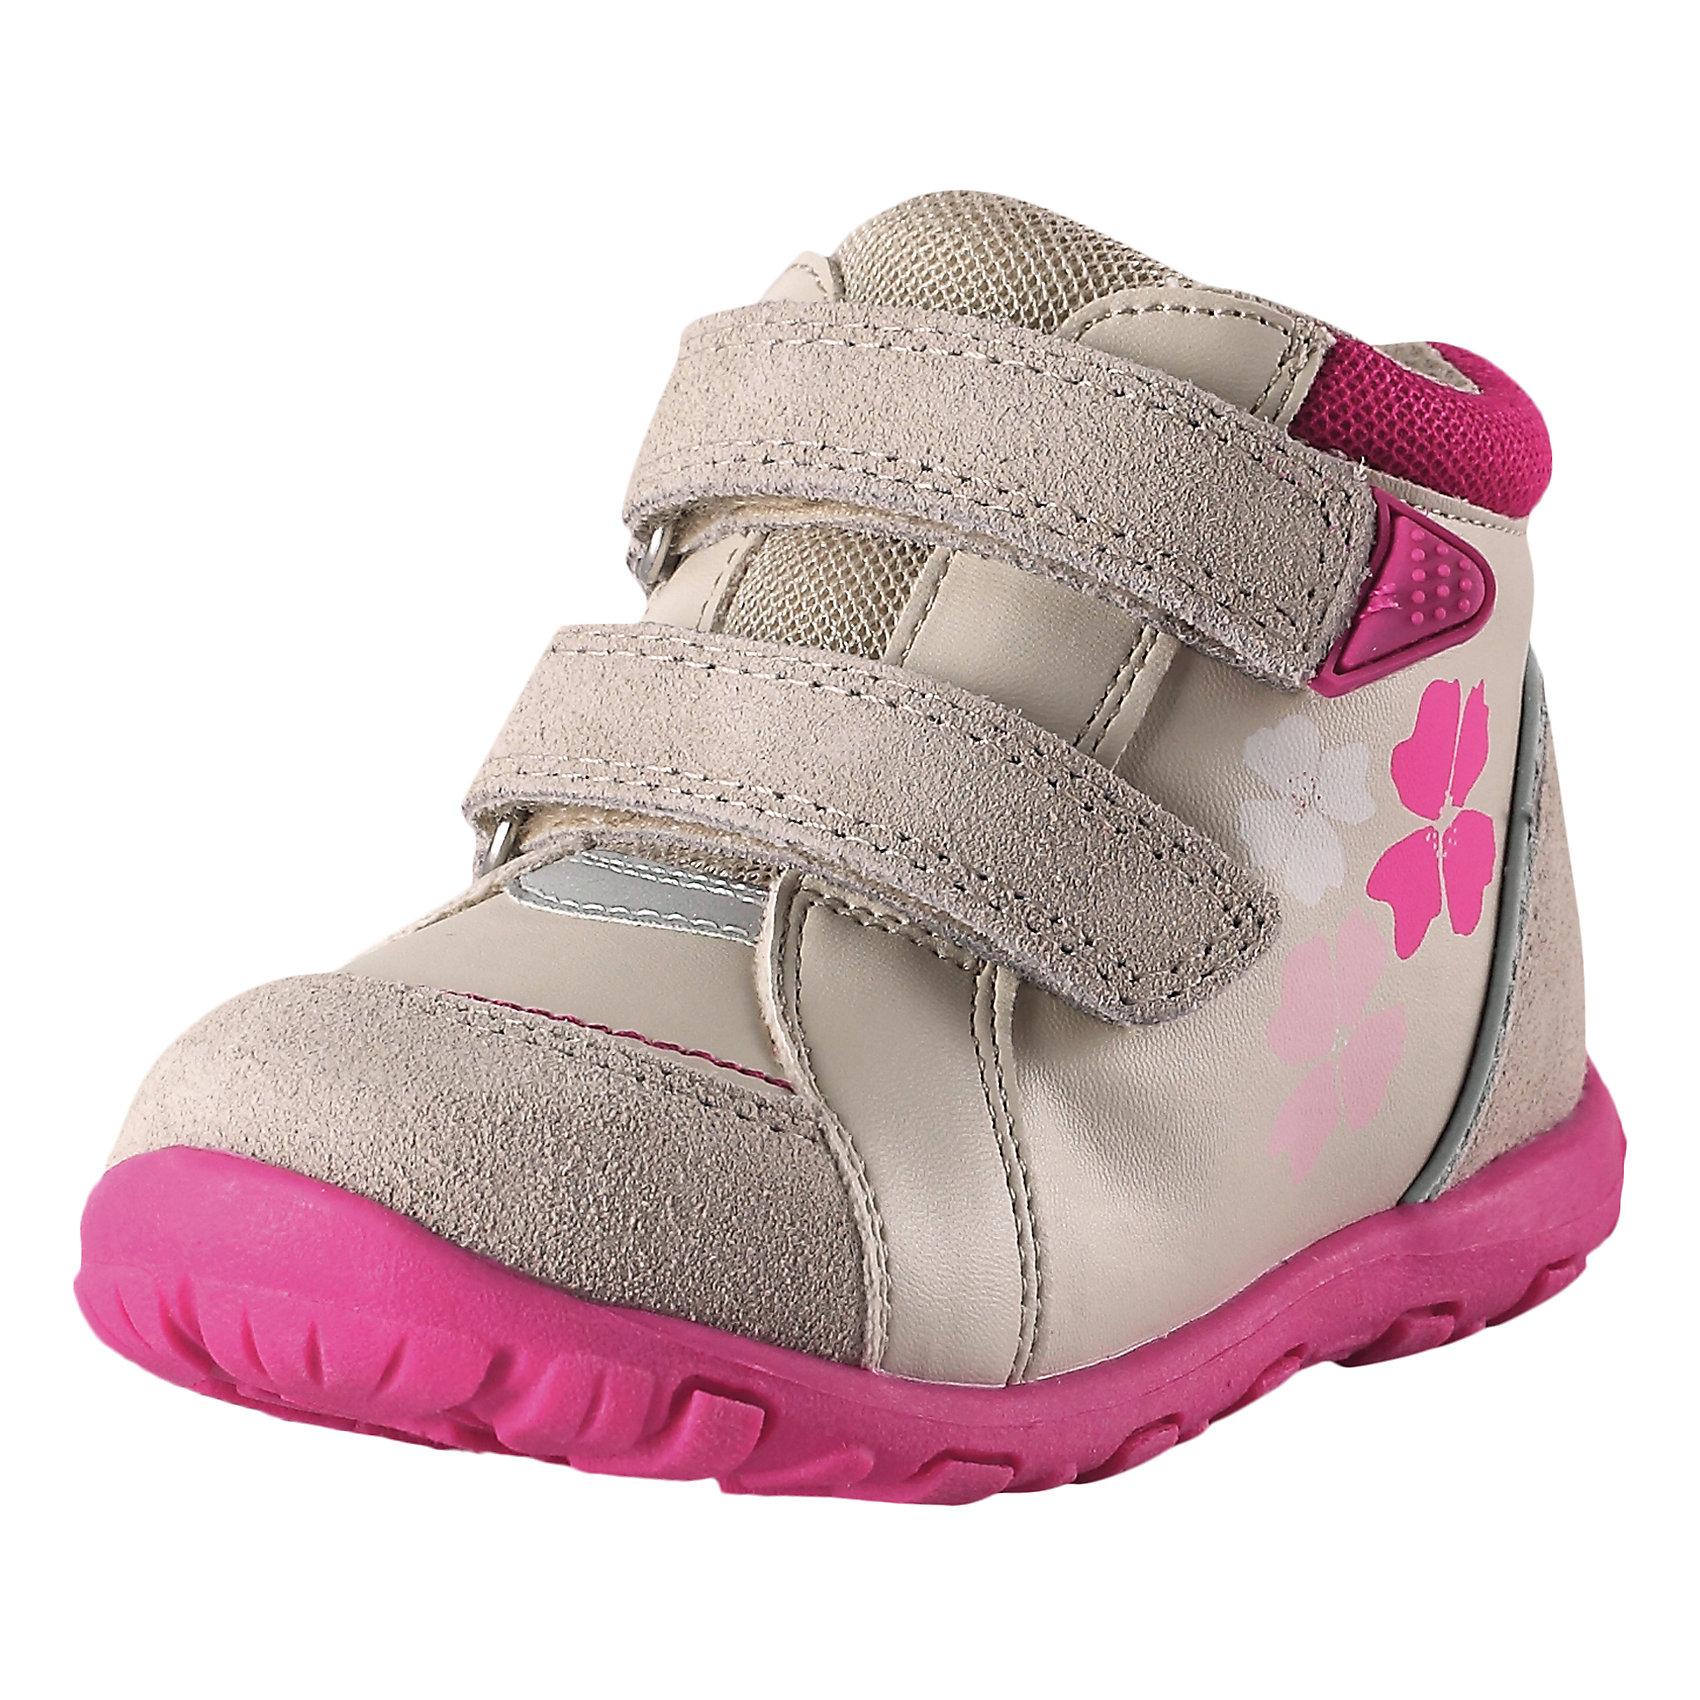 Полуботинки Lotte для девочки ReimaХарактеристики товара:<br><br>• цвет: бежевый/розовый<br>• состав: верх - 60% полиуретан, 30% кожа, 10% полиэстер, подошва - 100% термопластичная резина<br>• застежка: липучка<br>• устойчивая подошва<br>• декорированы принтом<br>• усиленная пятка и носок<br>• светоотражающие детали<br>• страна производства: Китай<br>• страна бренда: Финляндия<br>• коллекция: весна-лето 2017<br><br>Детская обувь может быть модной и комфортной одновременно! Удобные стильные полуботинки помогут обеспечить ребенку комфорт и дополнить наряд. Они отлично смотрятся с различной одеждой. Полуботинки удобно сидят на ноге и аккуратно смотрятся. Легко чистятся и долго служат. Продуманная конструкция разрабатывалась специально для детей.<br><br>Одежда и обувь от финского бренда Reima пользуется популярностью во многих странах. Эти изделия стильные, качественные и удобные. Для производства продукции используются только безопасные, проверенные материалы и фурнитура. Порадуйте ребенка модными и красивыми вещами от Reima! <br><br>Полуботинки от финского бренда Reima (Рейма) можно купить в нашем интернет-магазине.<br><br>Ширина мм: 262<br>Глубина мм: 176<br>Высота мм: 97<br>Вес г: 427<br>Цвет: коричневый<br>Возраст от месяцев: 15<br>Возраст до месяцев: 18<br>Пол: Женский<br>Возраст: Детский<br>Размер: 22,20,21,26,27,25,24,23<br>SKU: 5266765